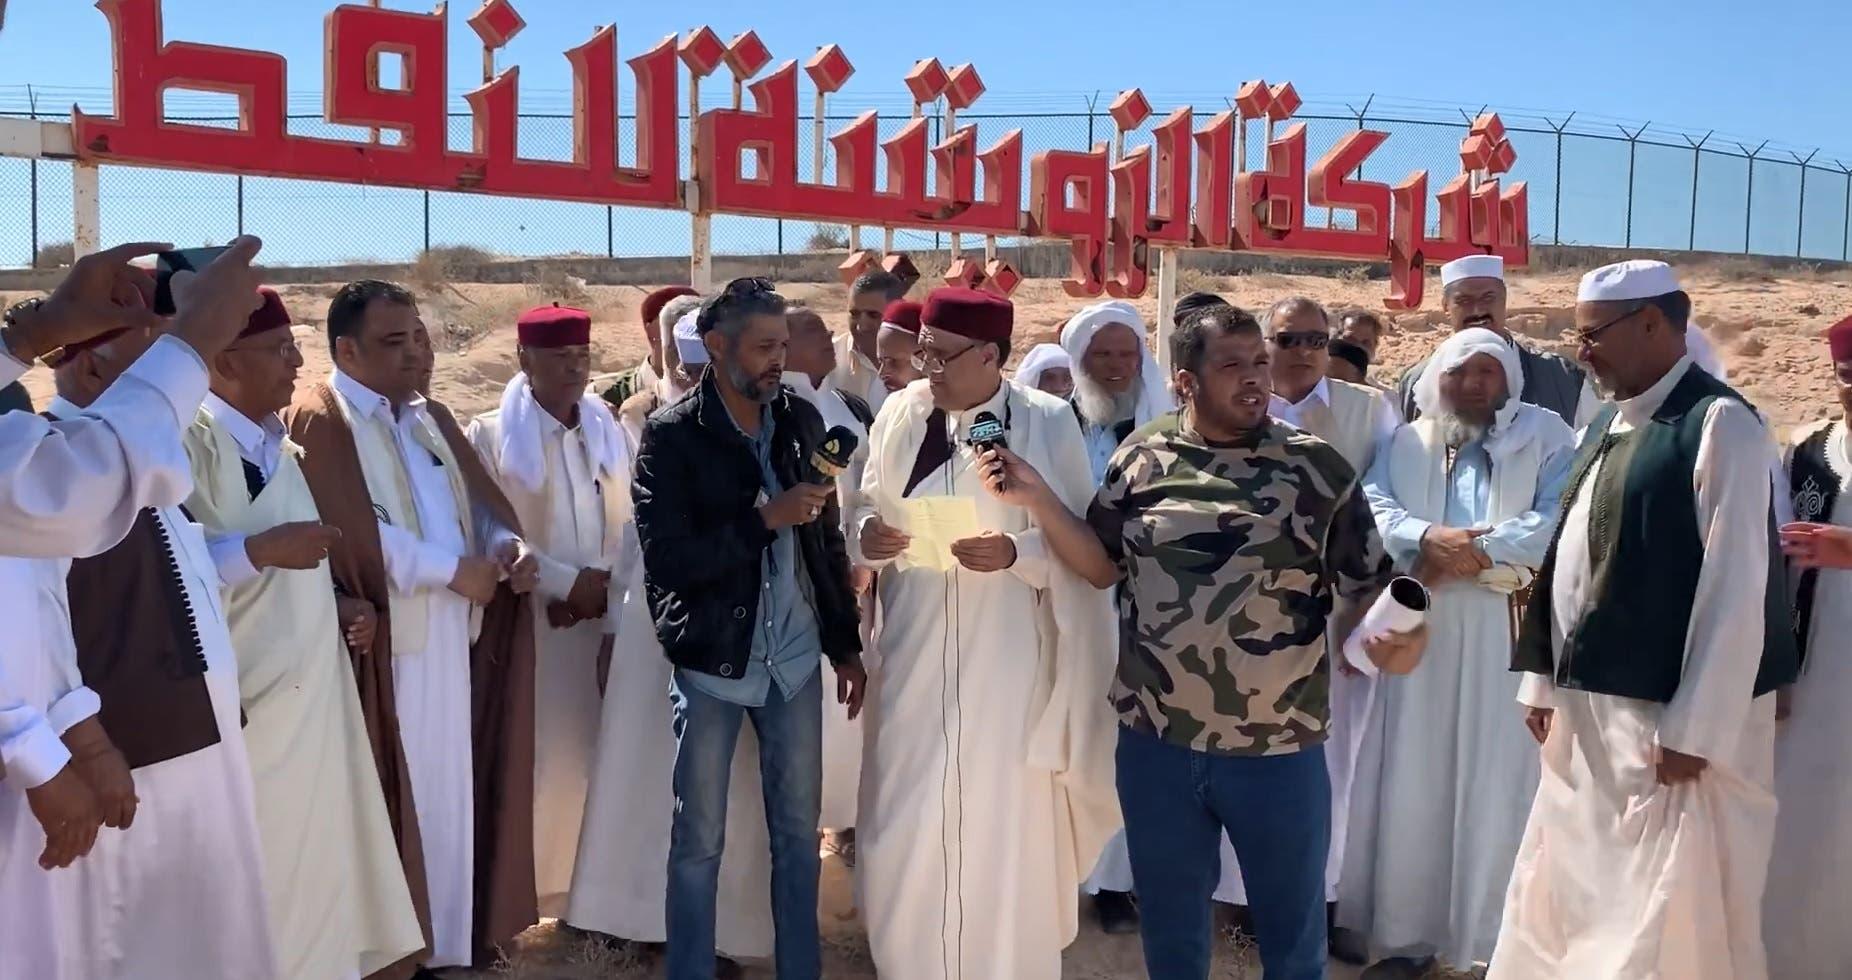 حراك قبلي في ليبيا لمنع وقوع إيرادات النفط في أيدي الوفاق في ميليشياتها